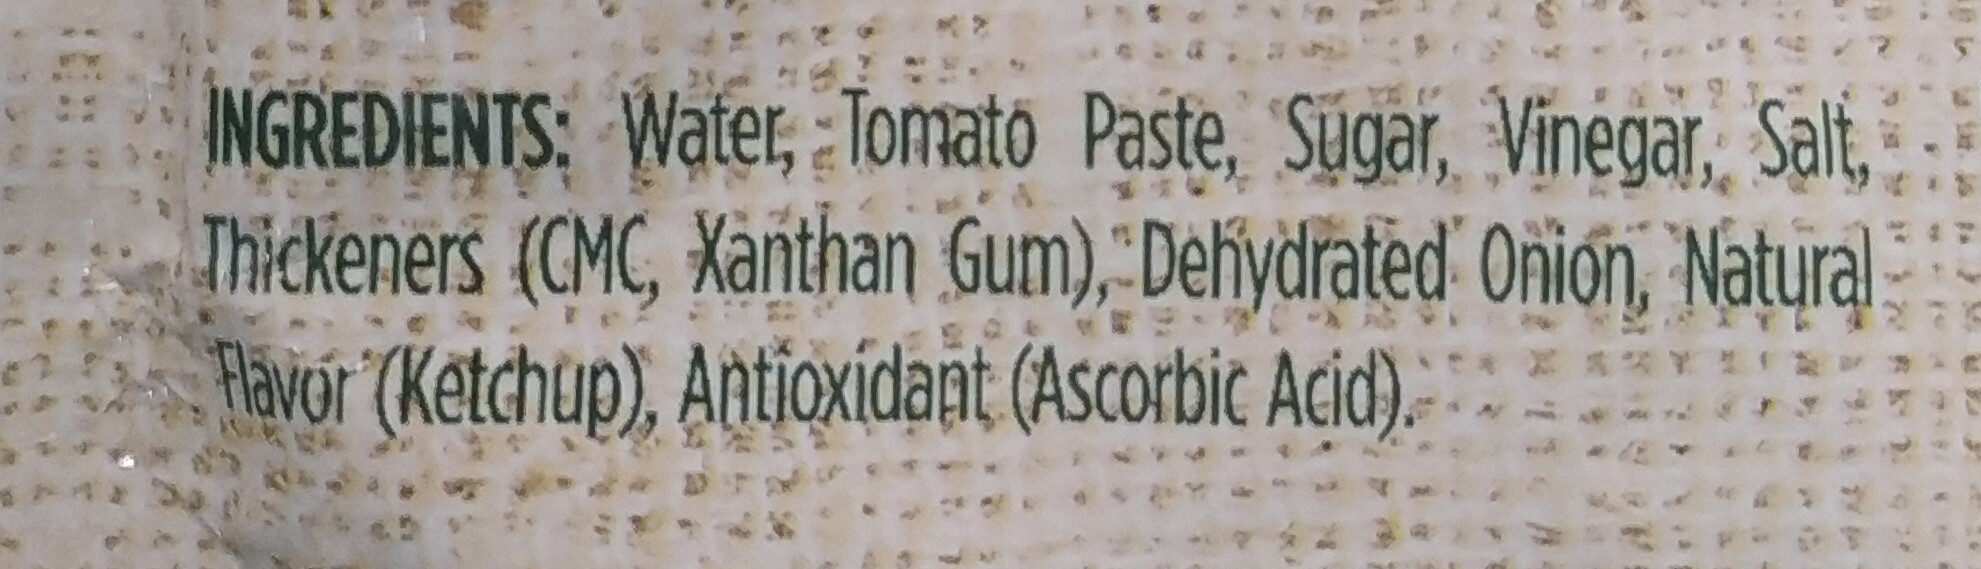 salsa de tomate la constancia - Ingredients - en